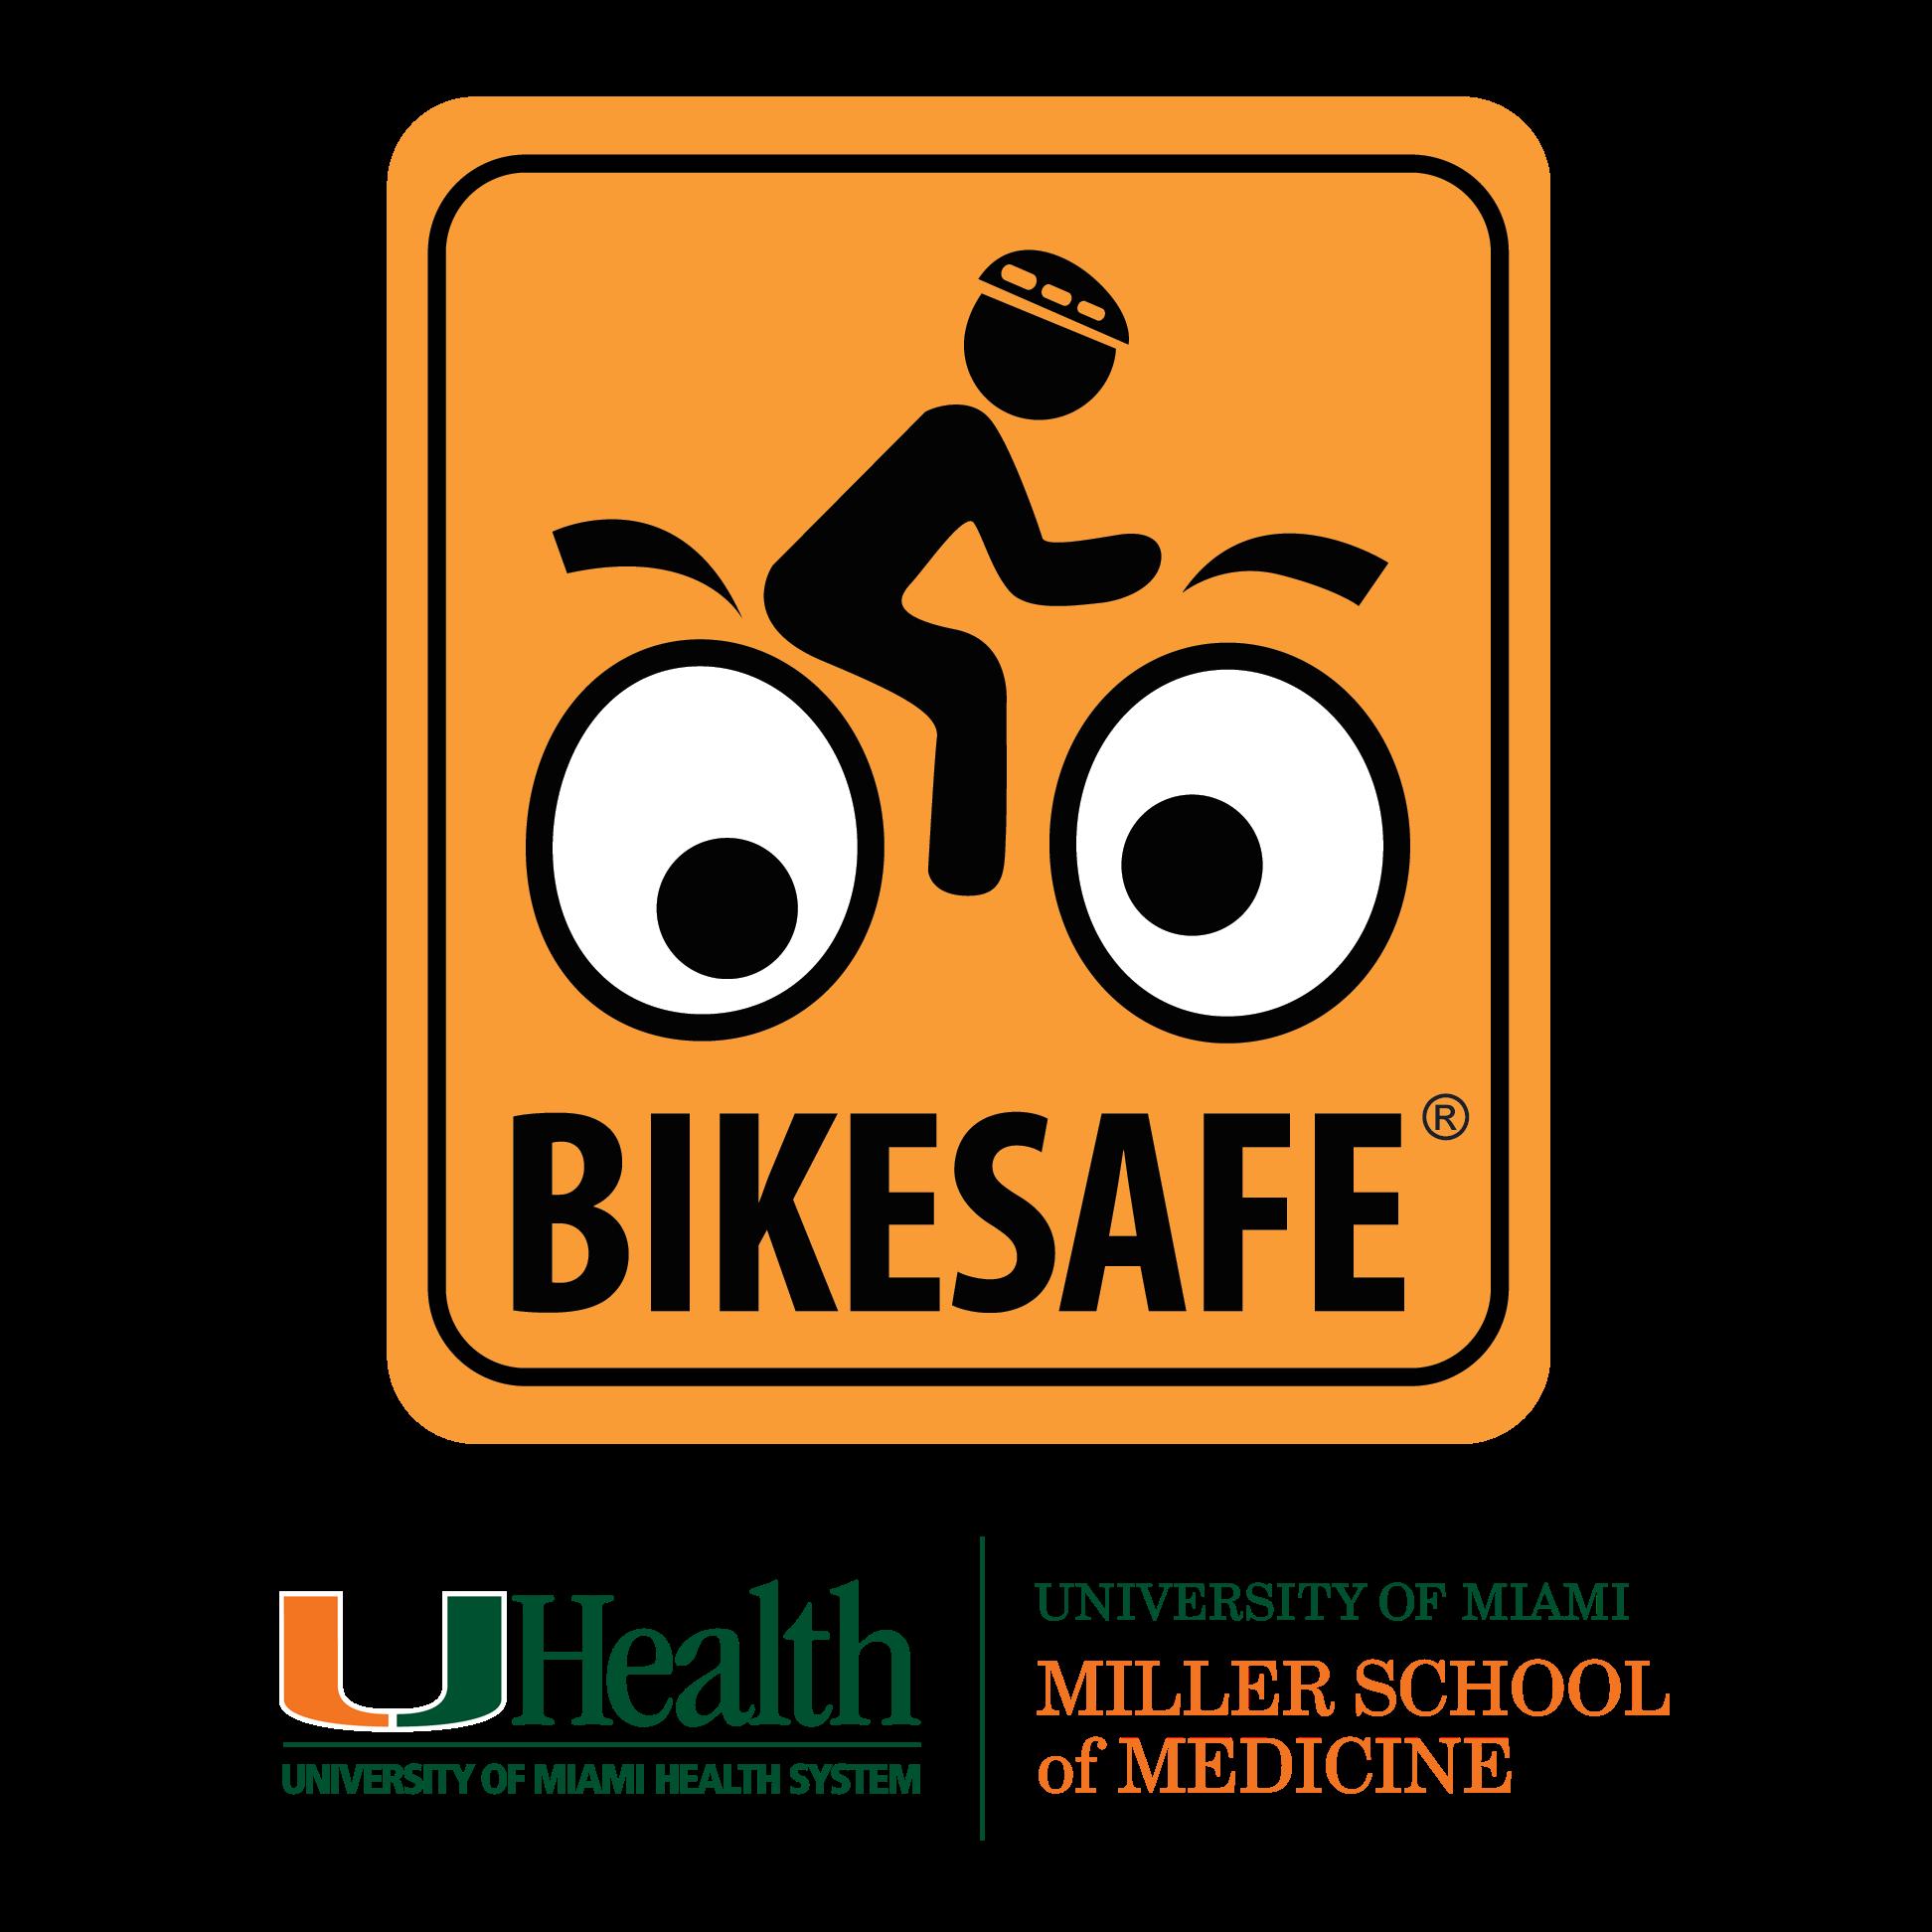 bikesafe.png